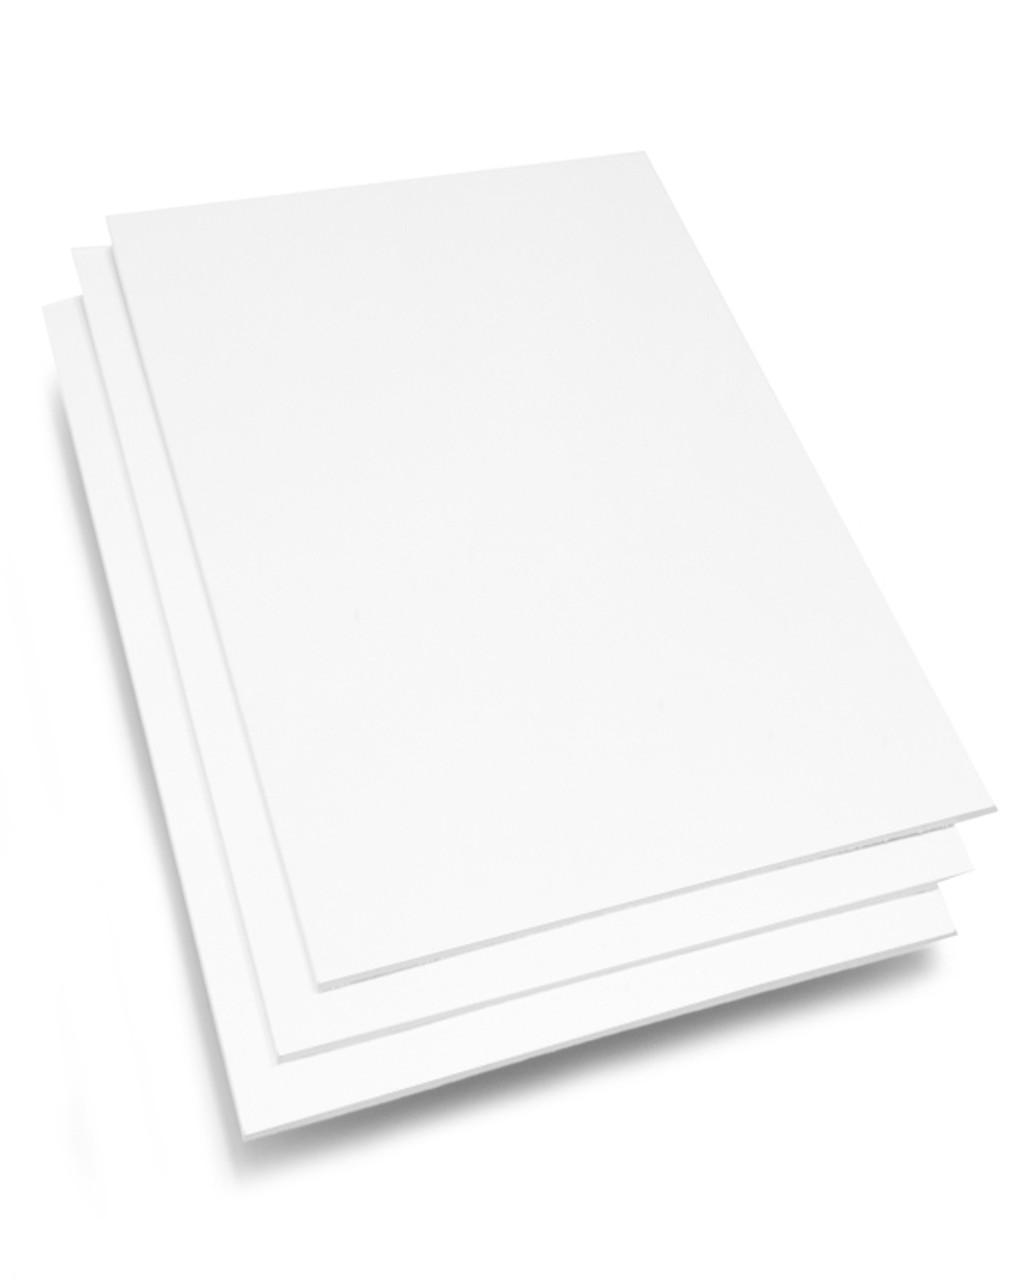 Standard White Backer Board